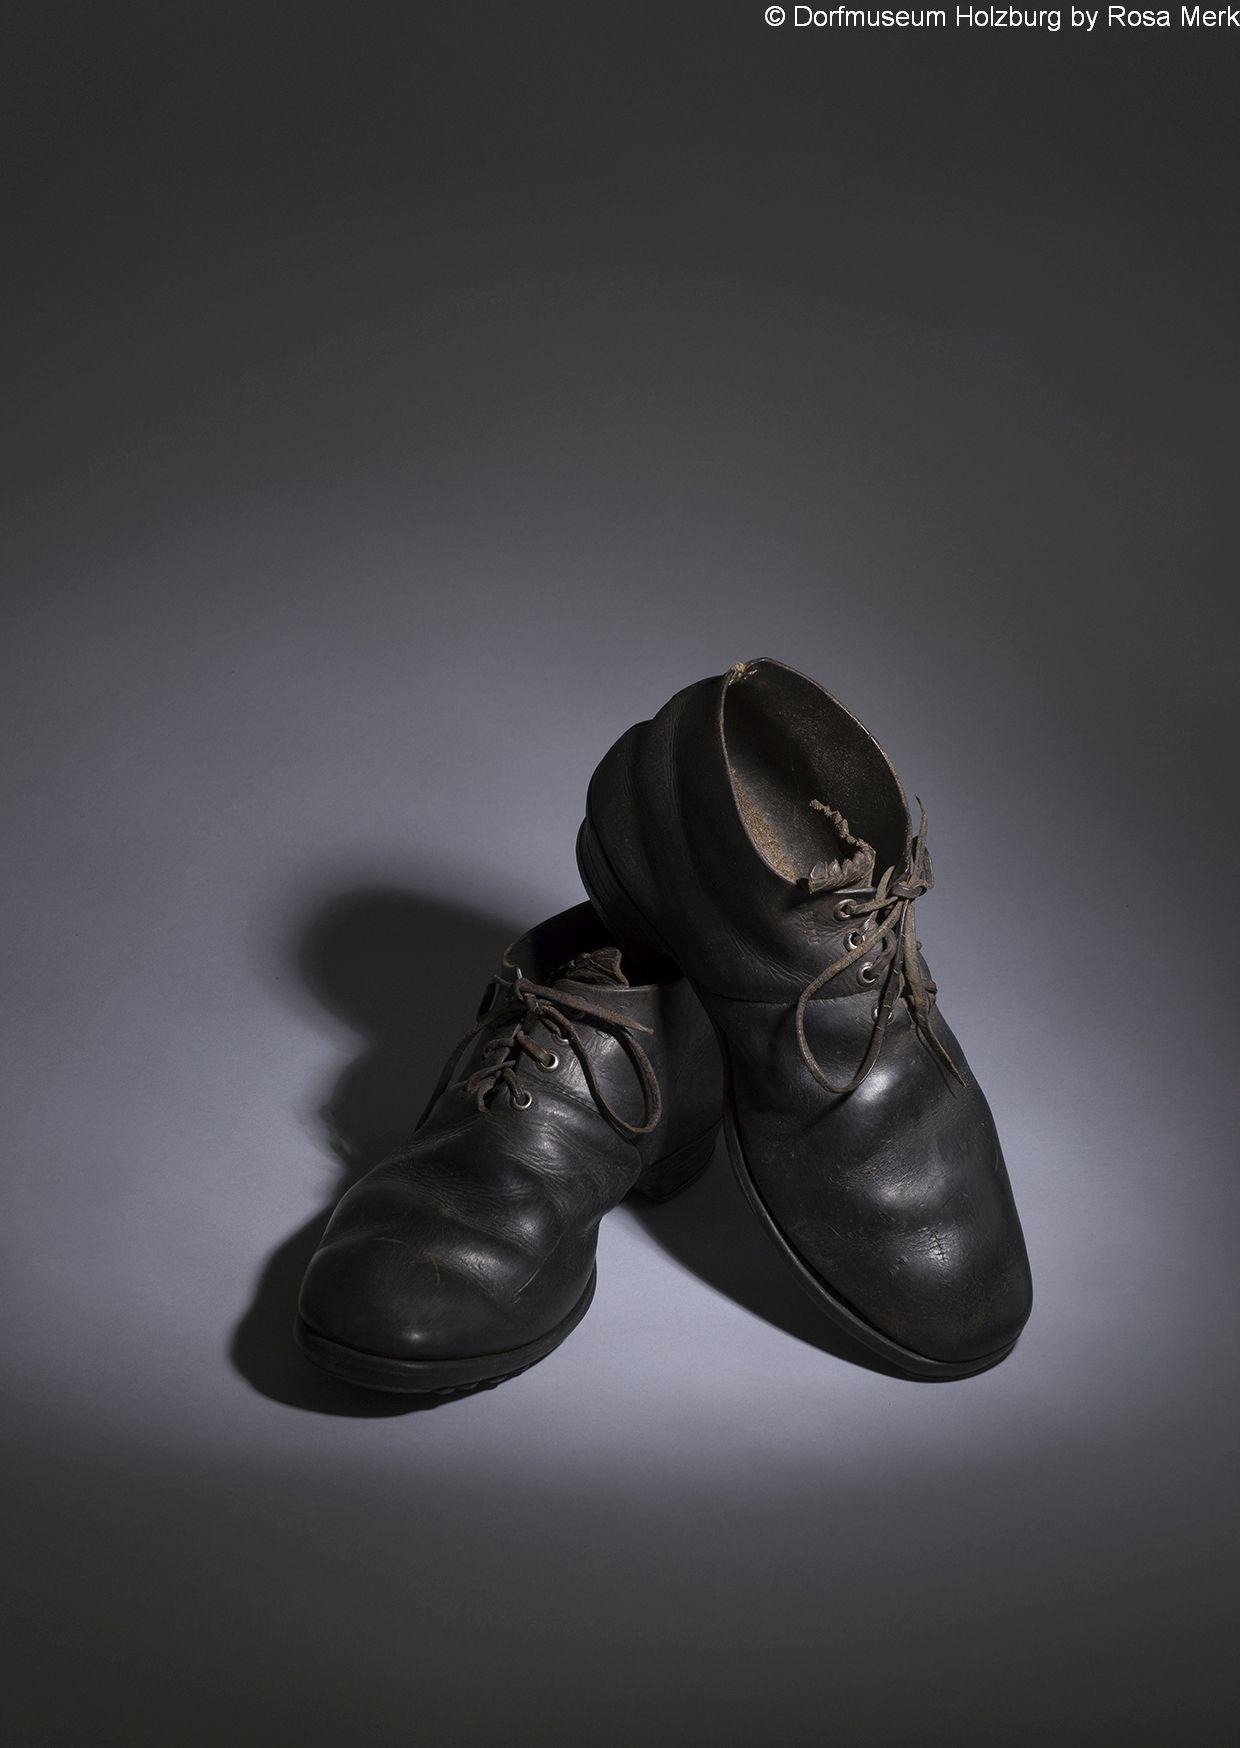 Schwarze Lederschuhe für Männer, 20. Jh., Arbeitsschuhe